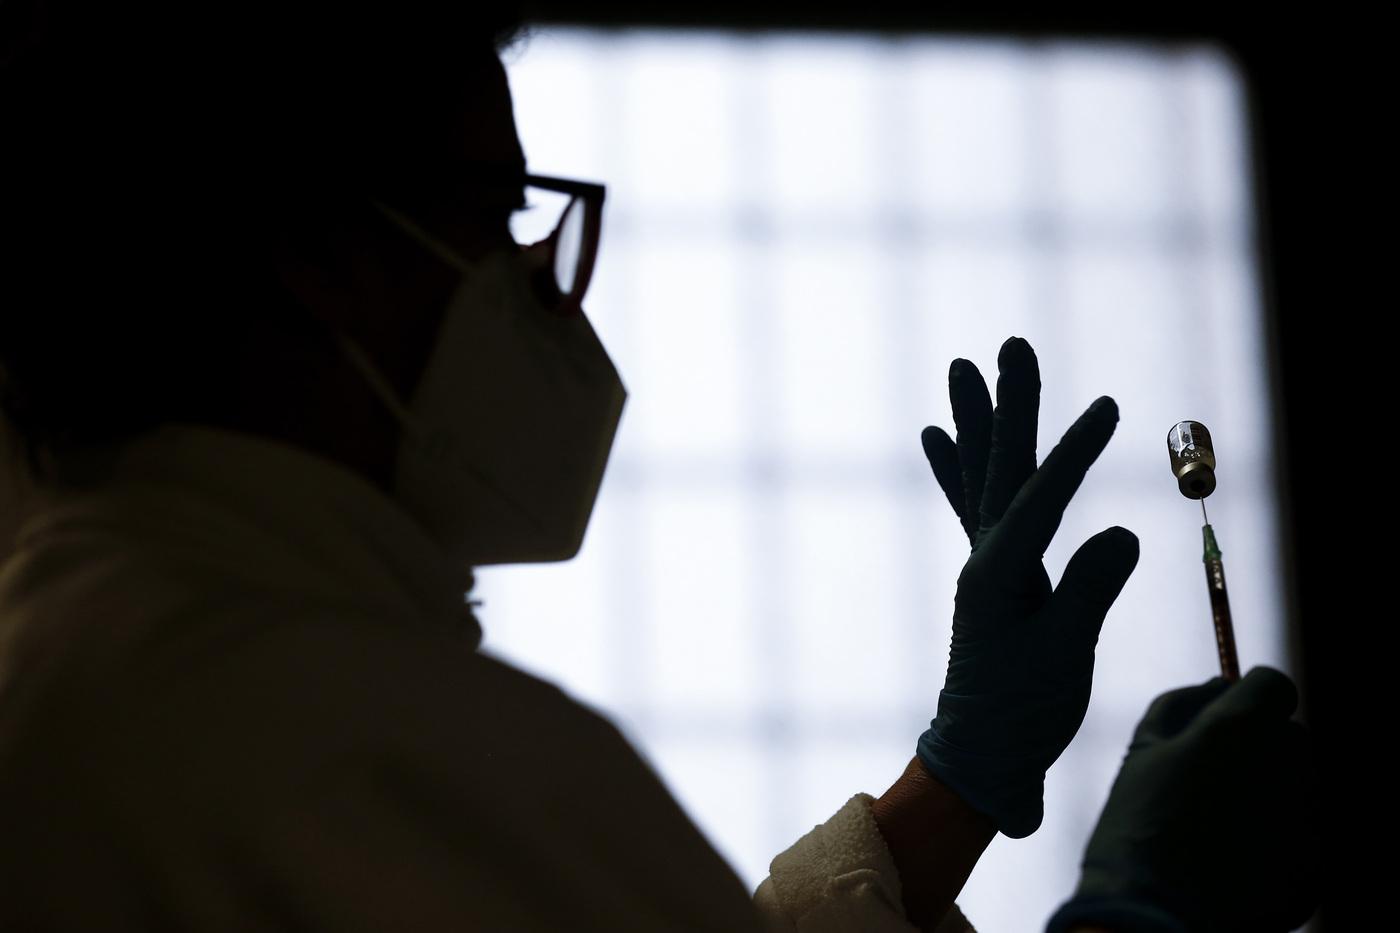 Campagna di vaccinazione anti Covid 19 al Policlinico Umberto I a Roma